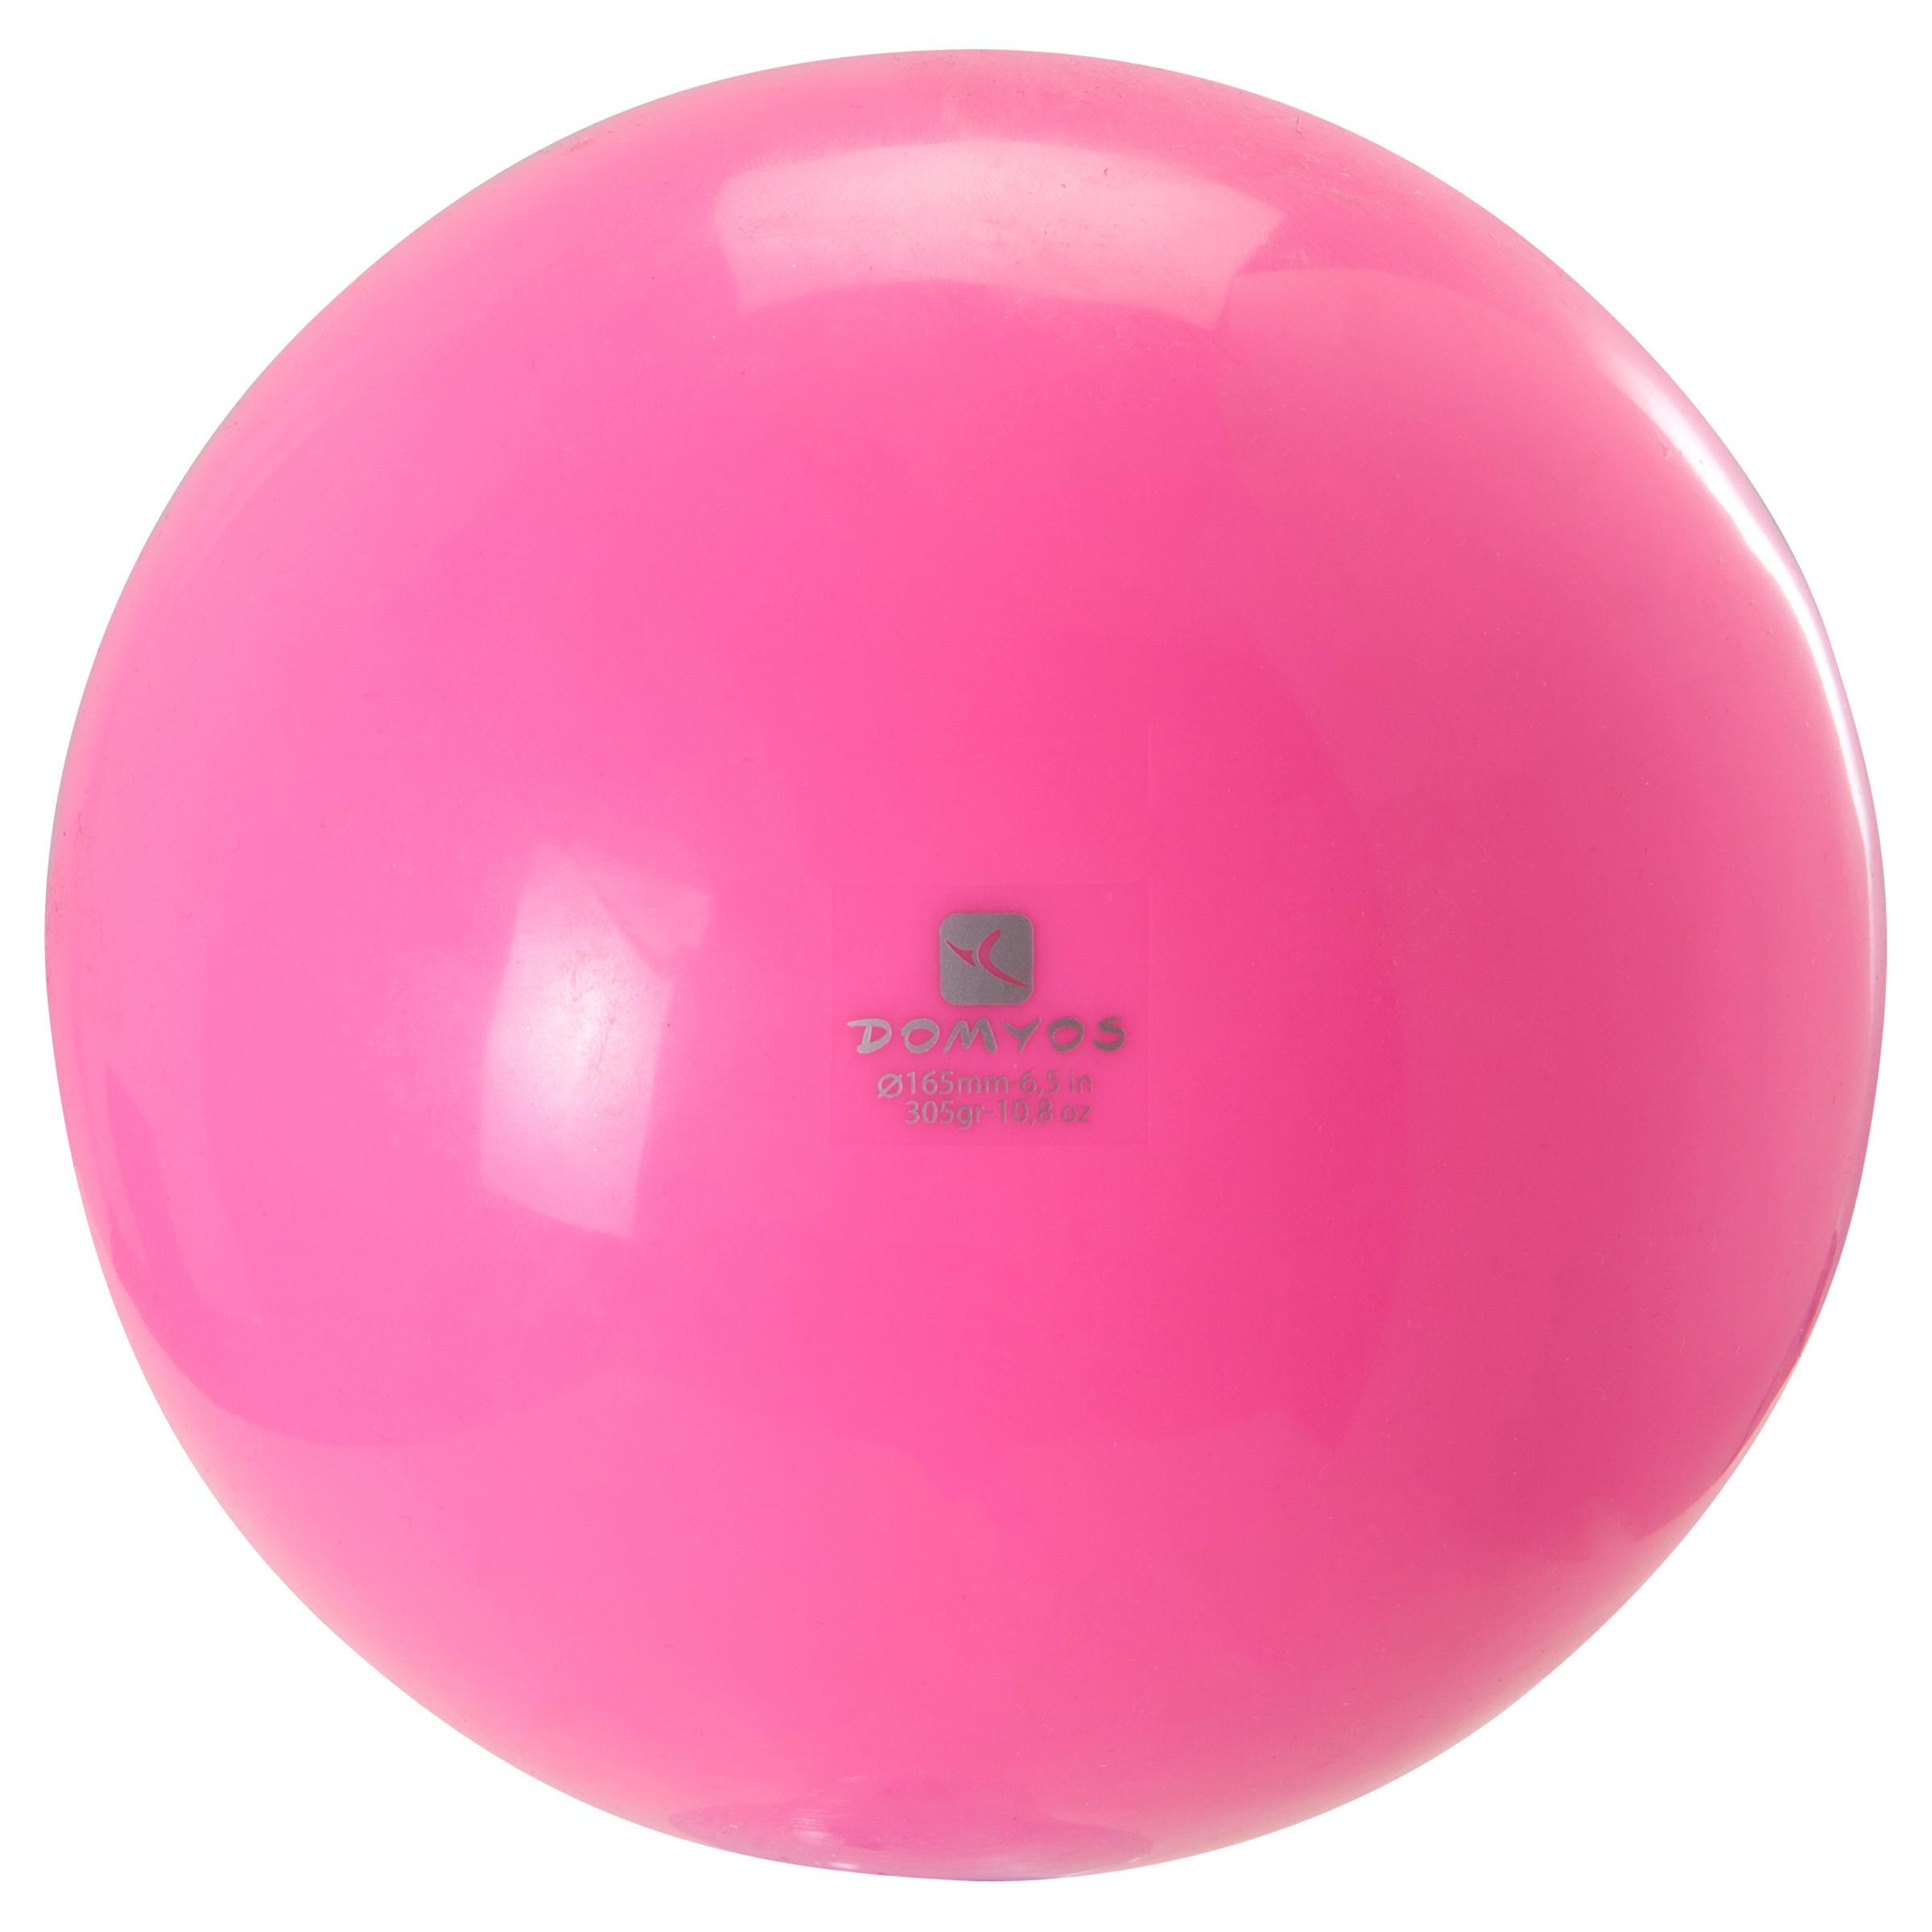 Ballon de gymnastique rythmique 6,5_QUOTE_.